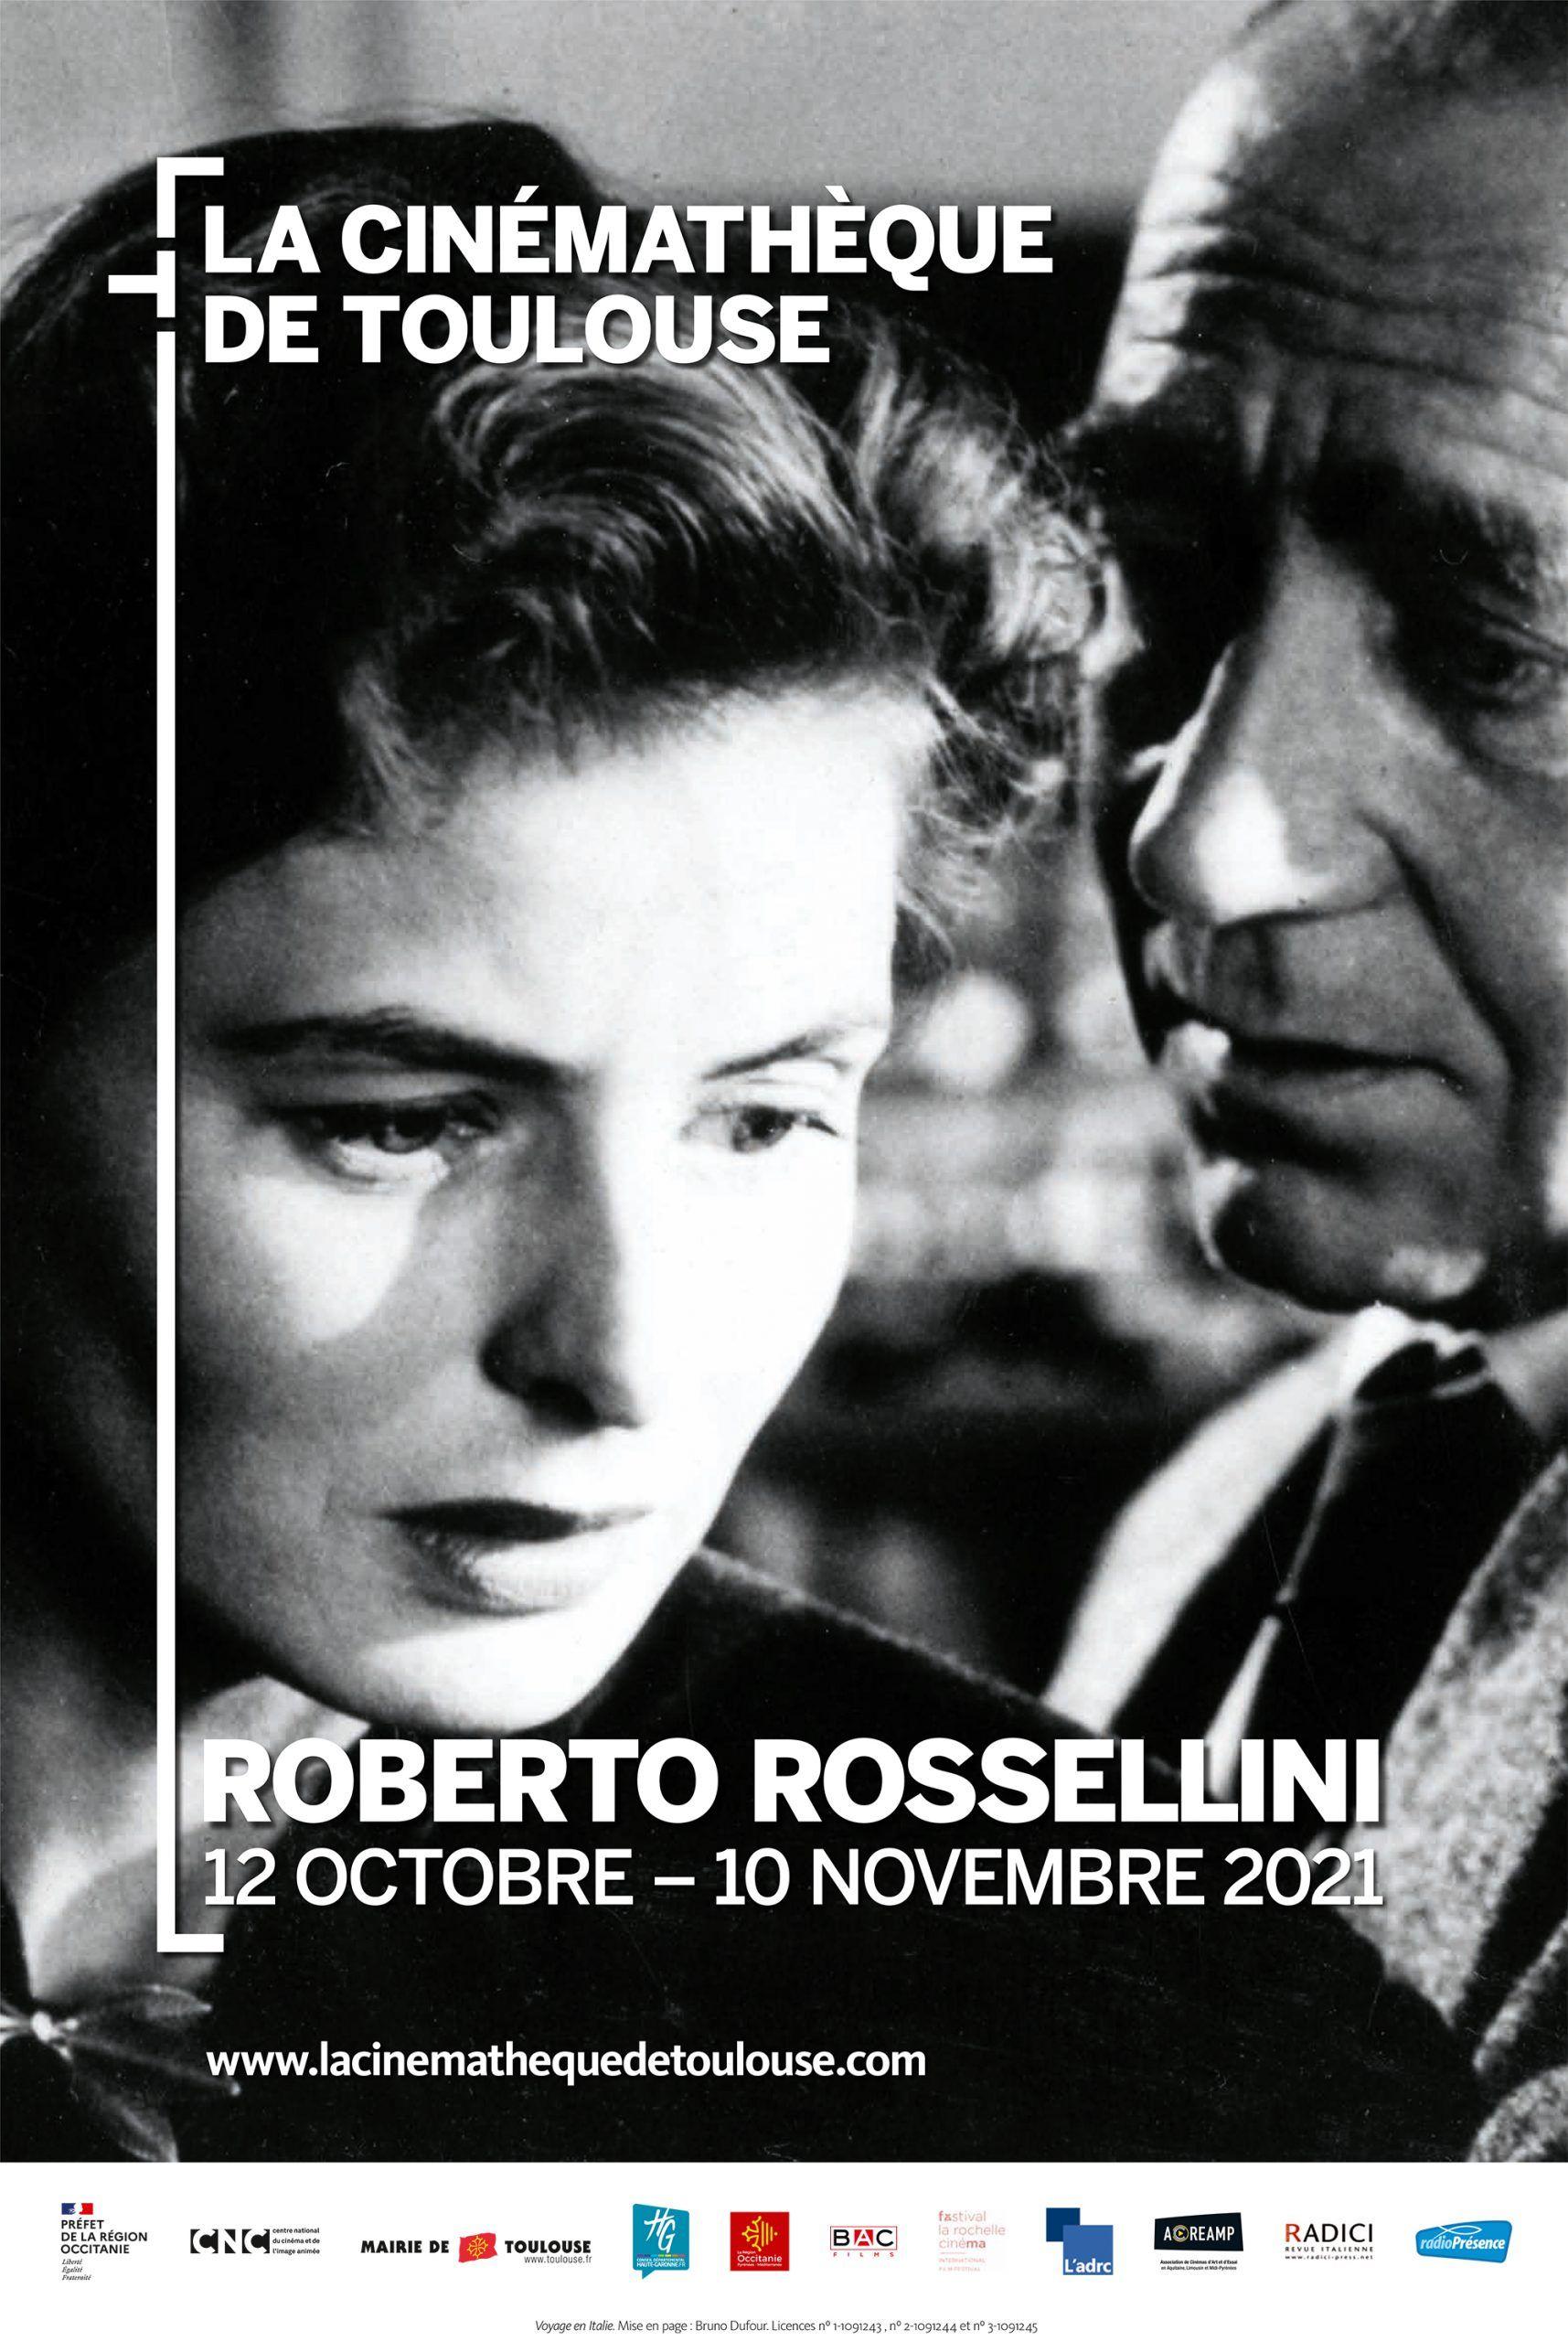 Cinémathèque de Toulouse - Roberto Rosselini